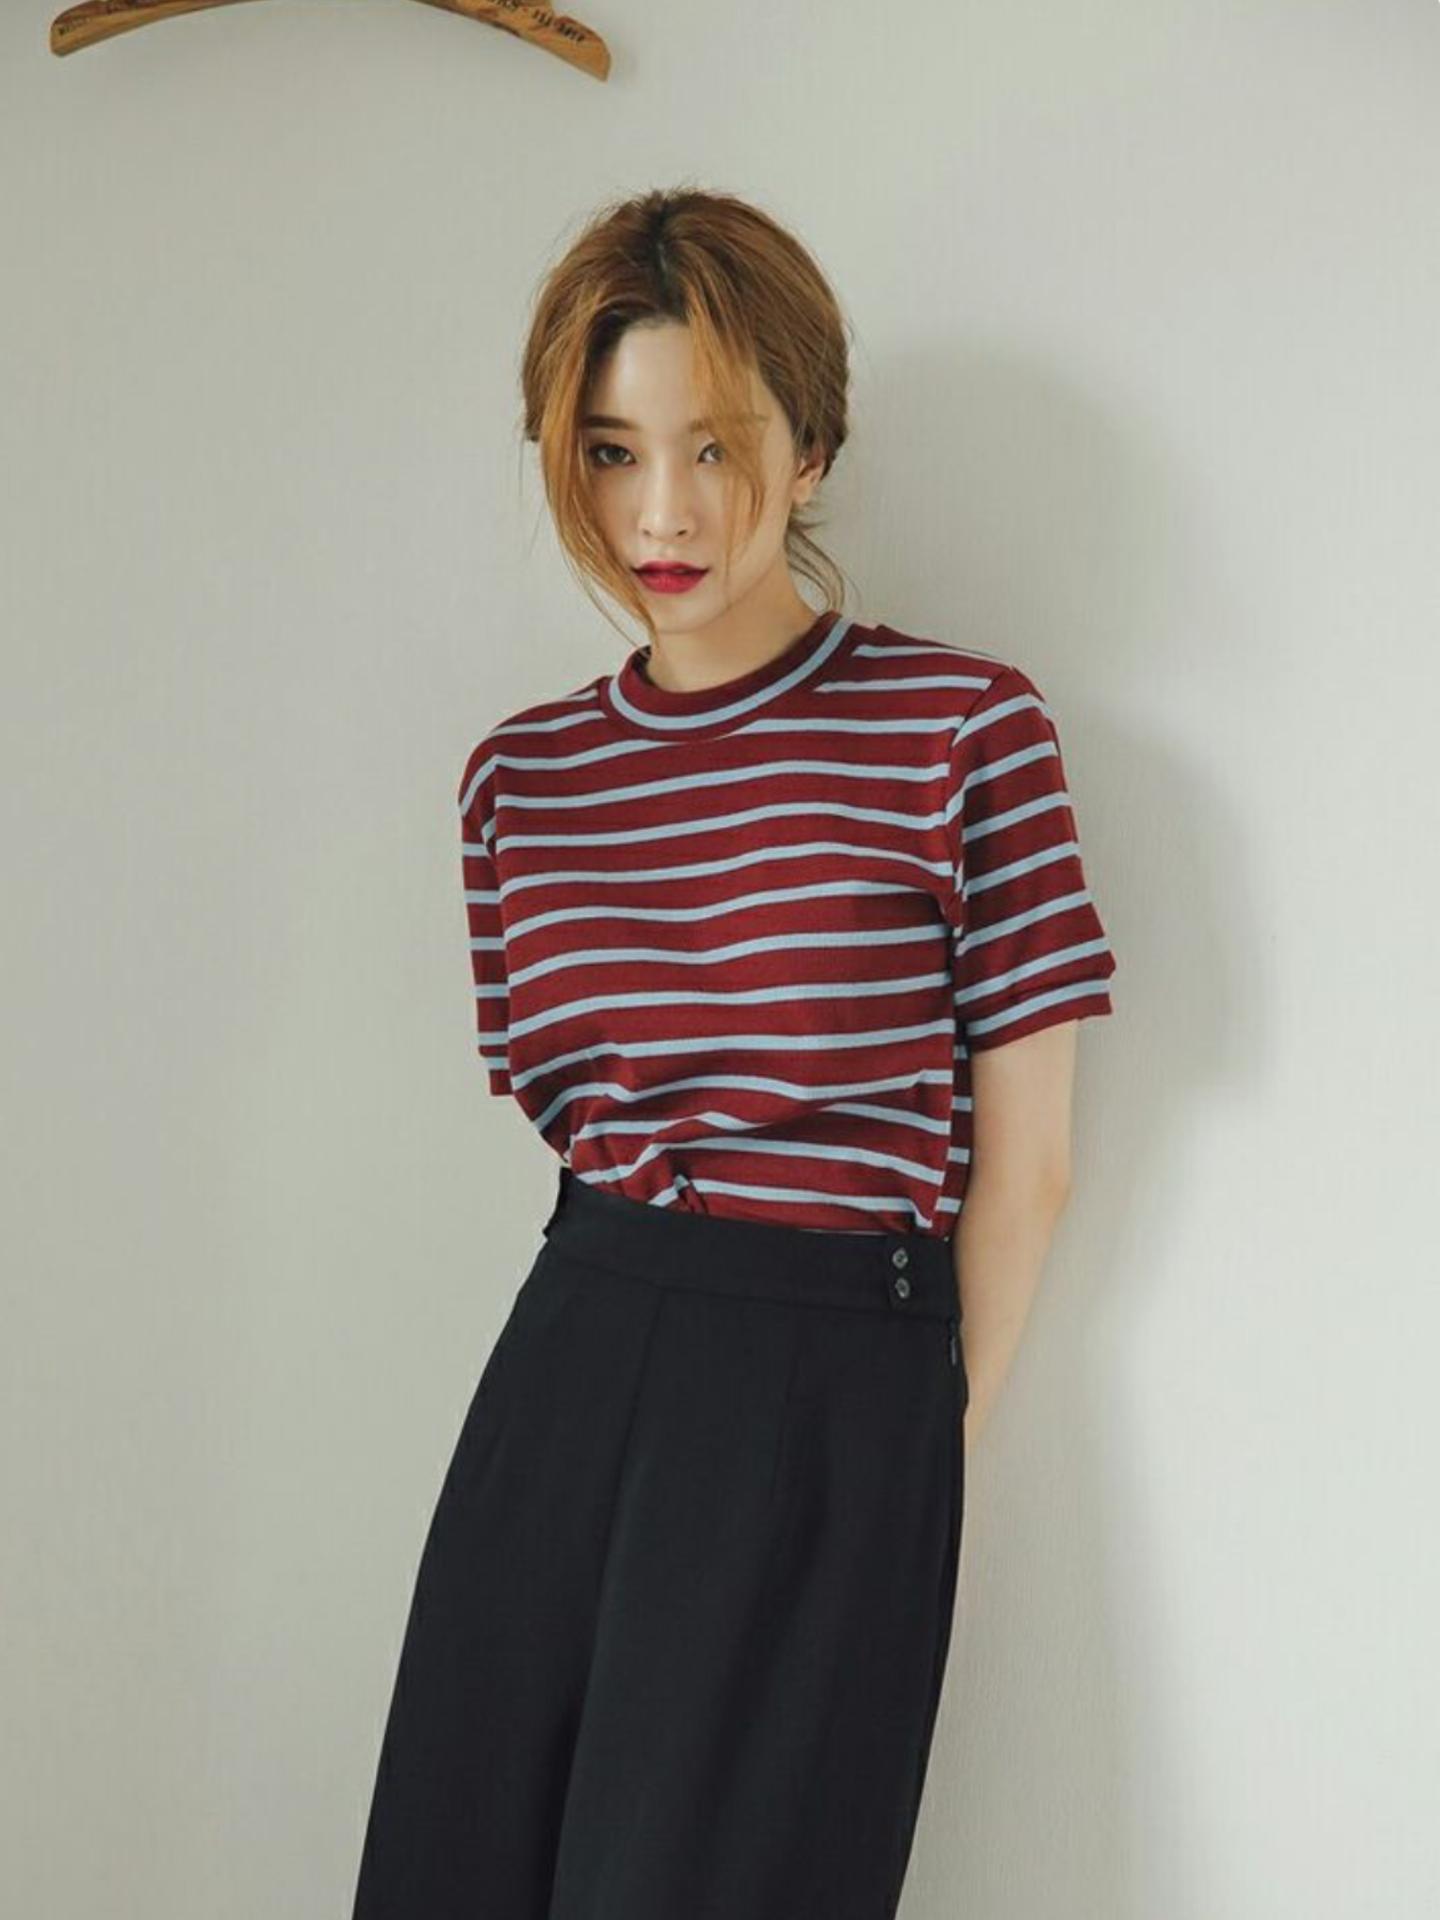 2019 的BTS 8th member | 服裝拍攝_女主题